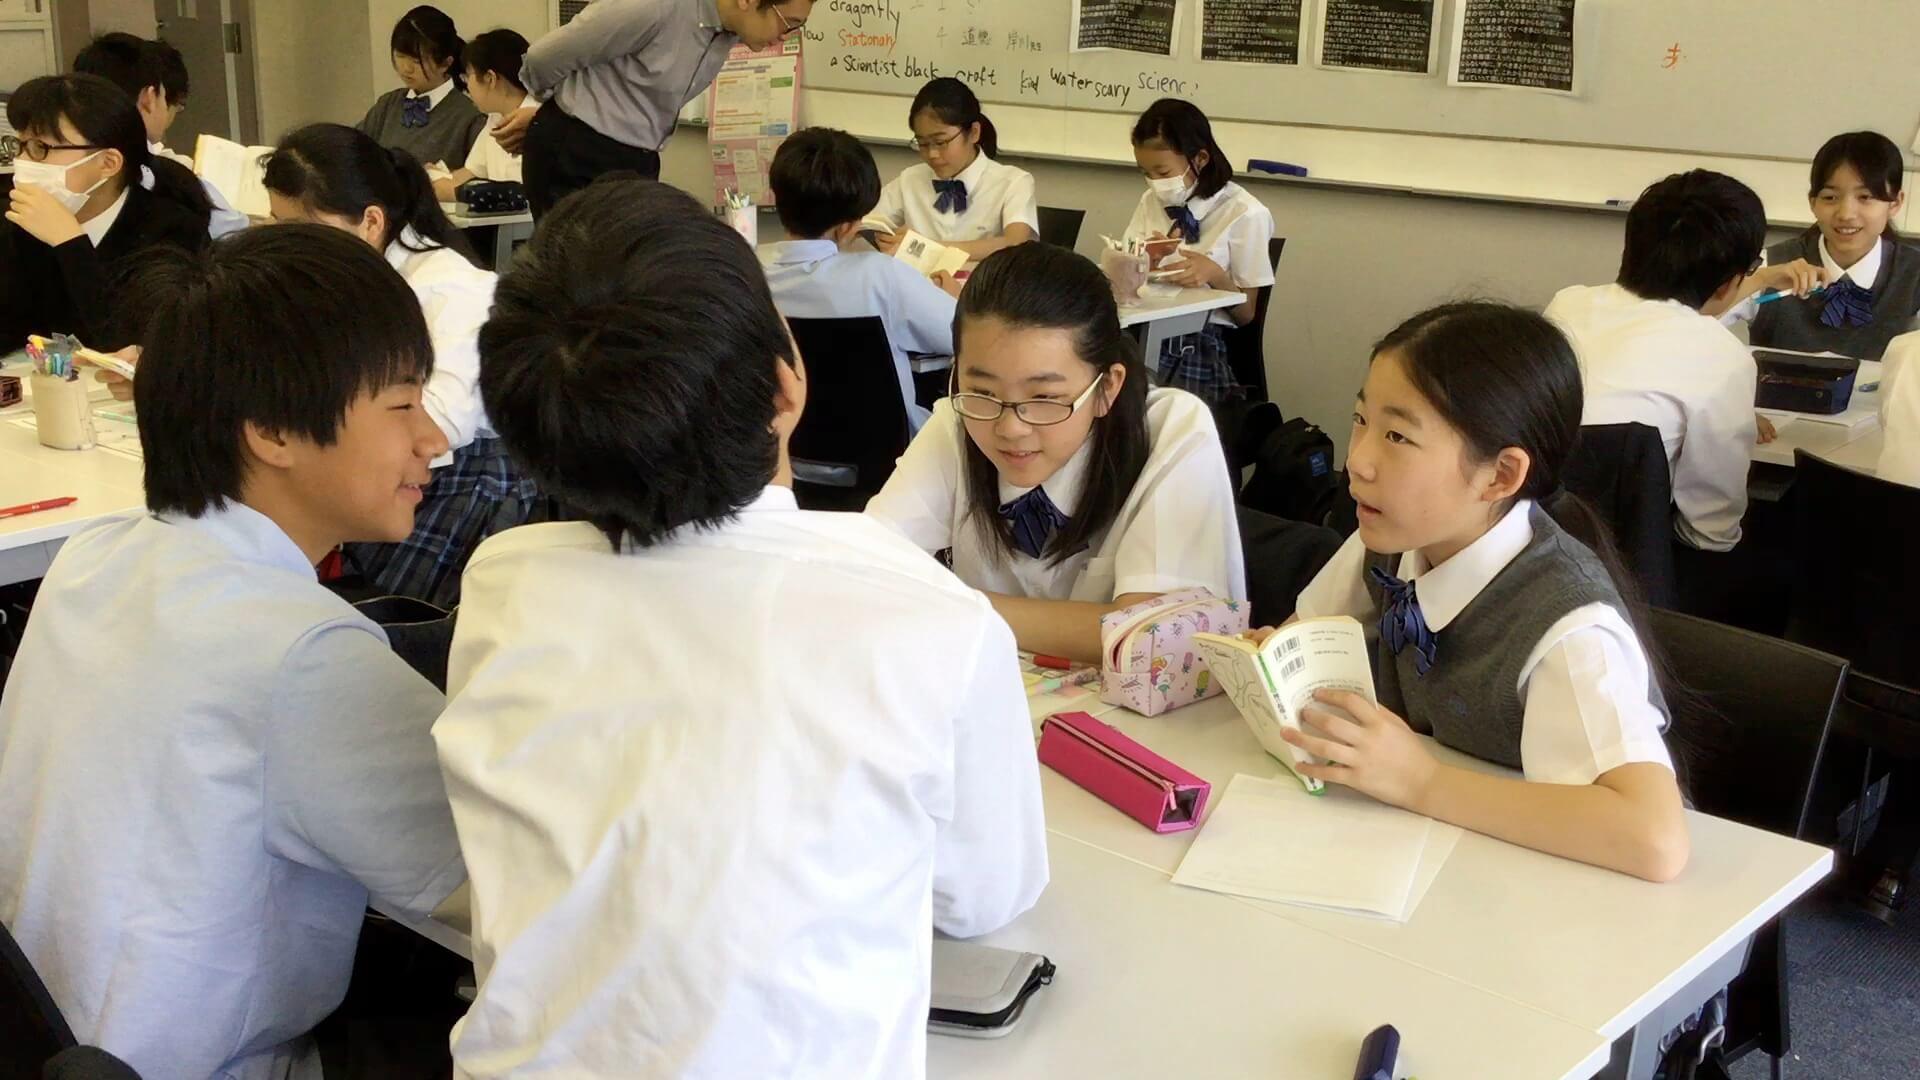 「探究型読書」のワークショップを受ける生徒たち